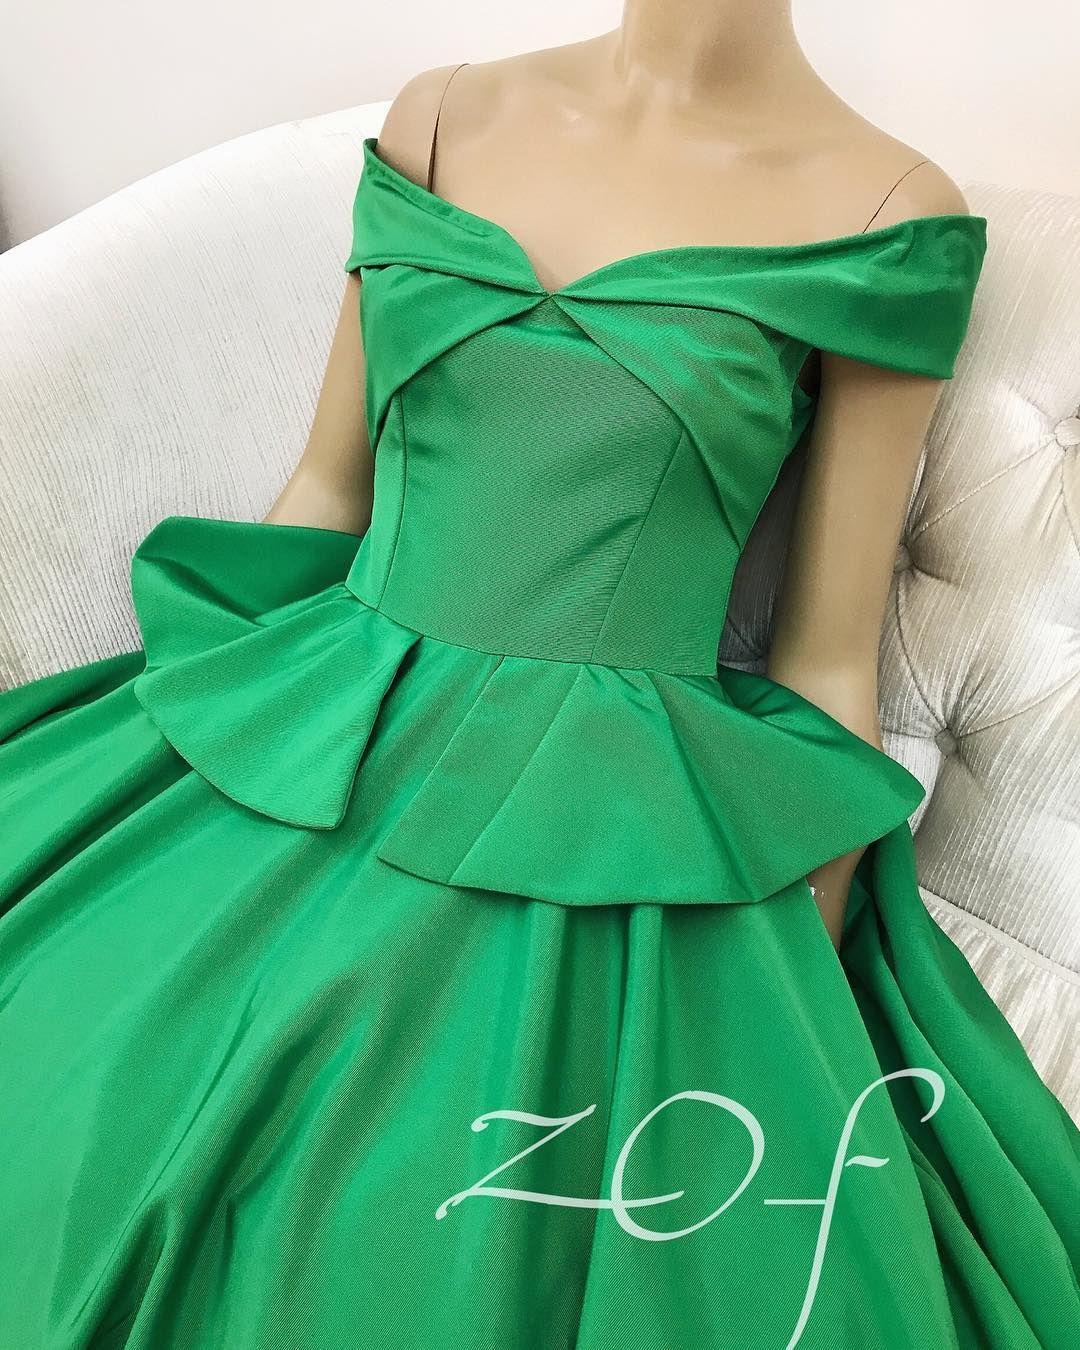 Royal Green Dress Classic Style فستان انيق ملكي كلاسك ستايل للمناسبات جاهز للتسليم للطلب يرجي التواصل عالواتساب فقط Fashion Fashion Outfits Boho Fashion